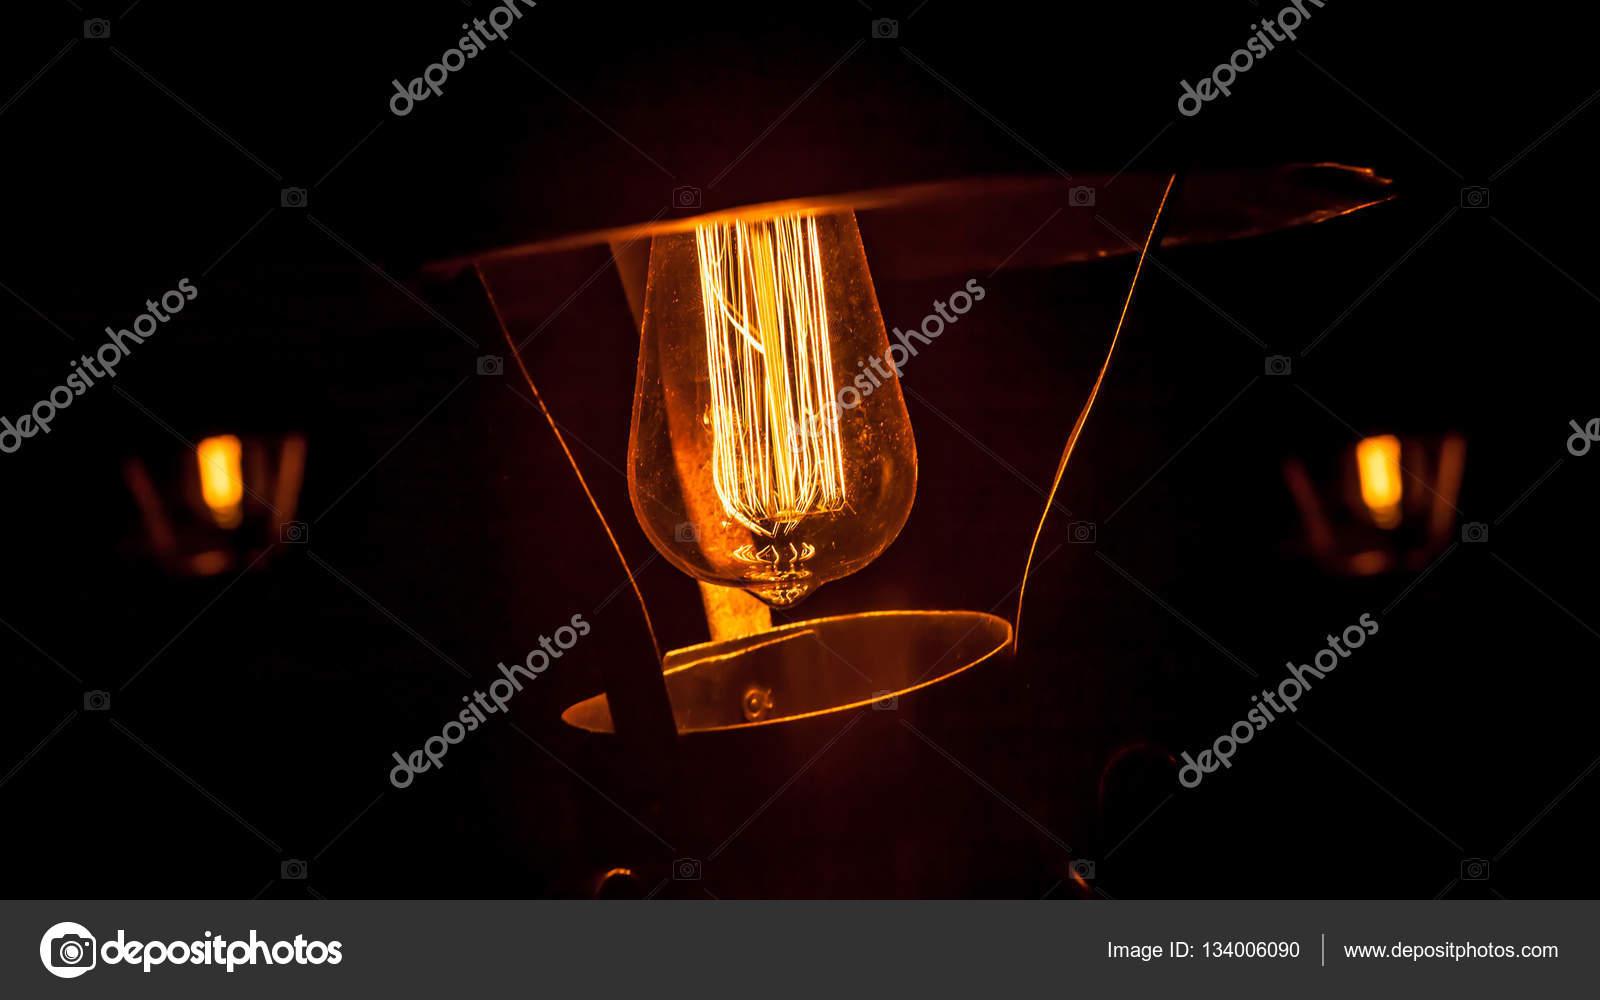 Kronleuchter Edison ~ Dekorative antike edison stil glühbirnen kronleuchter hintergrund